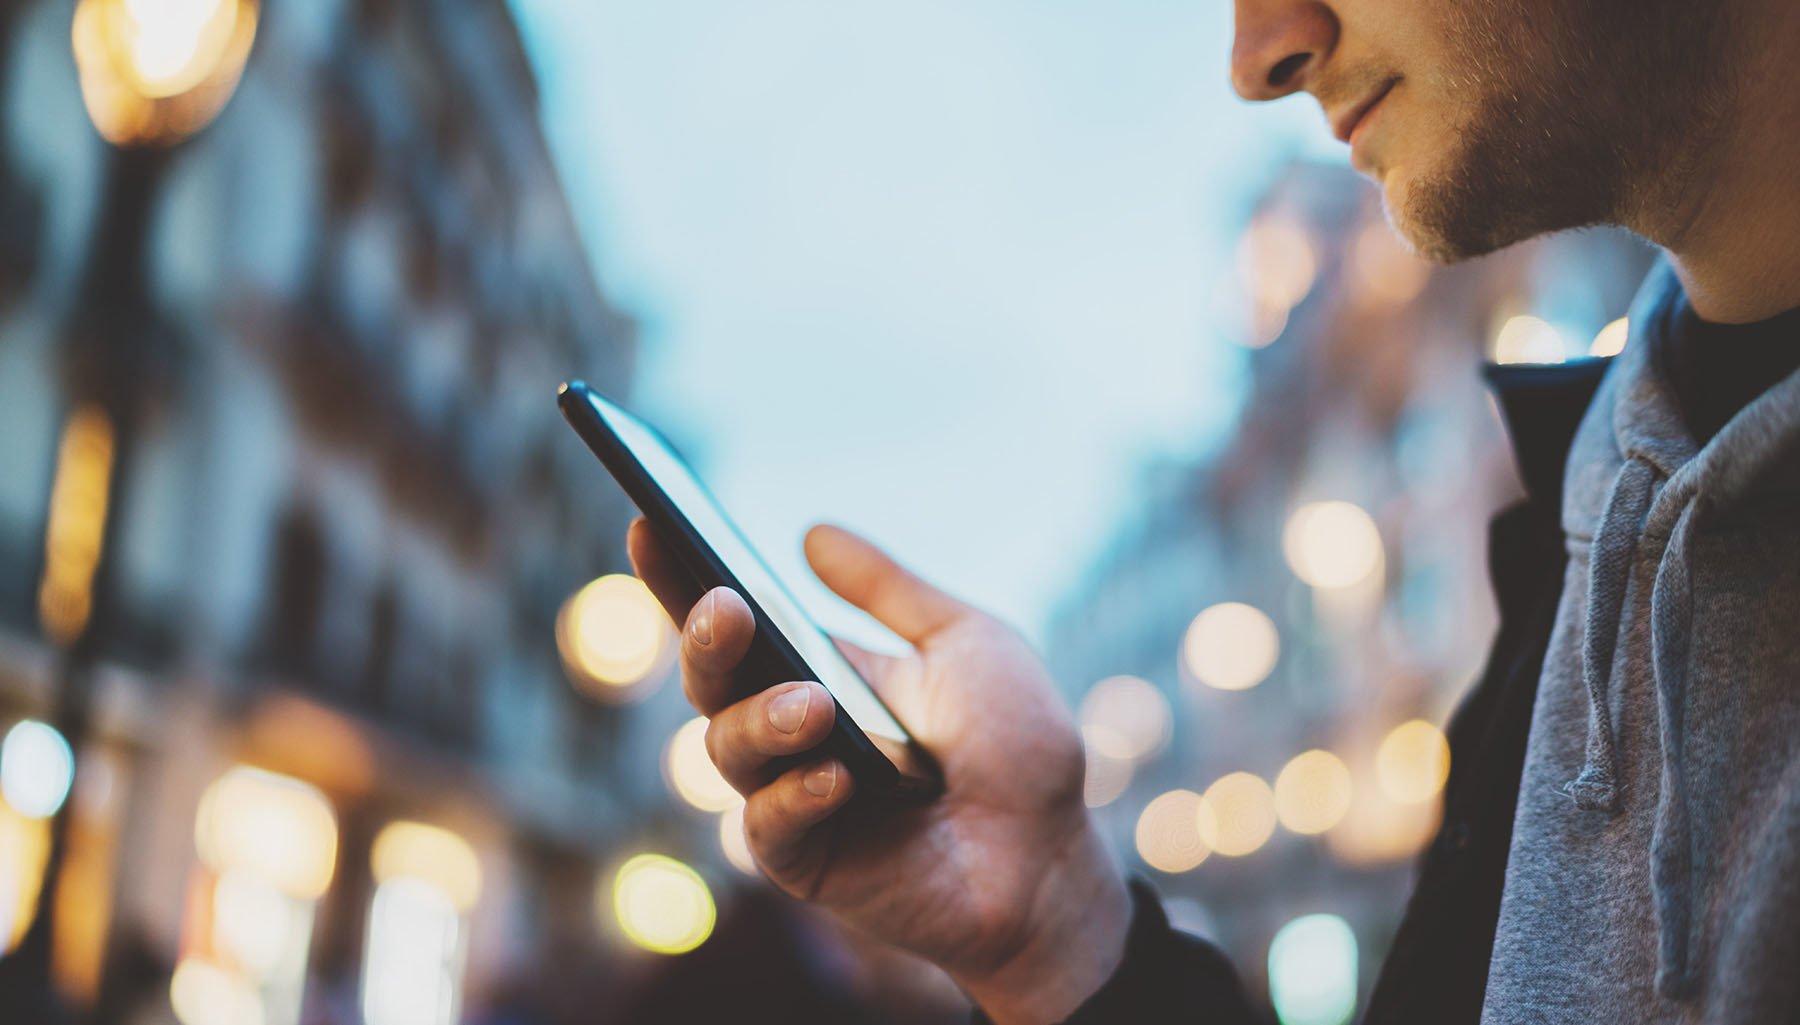 Афиша Киева в твоем смартфоне: появился новый Телеграмм-бот для поиска ивентов